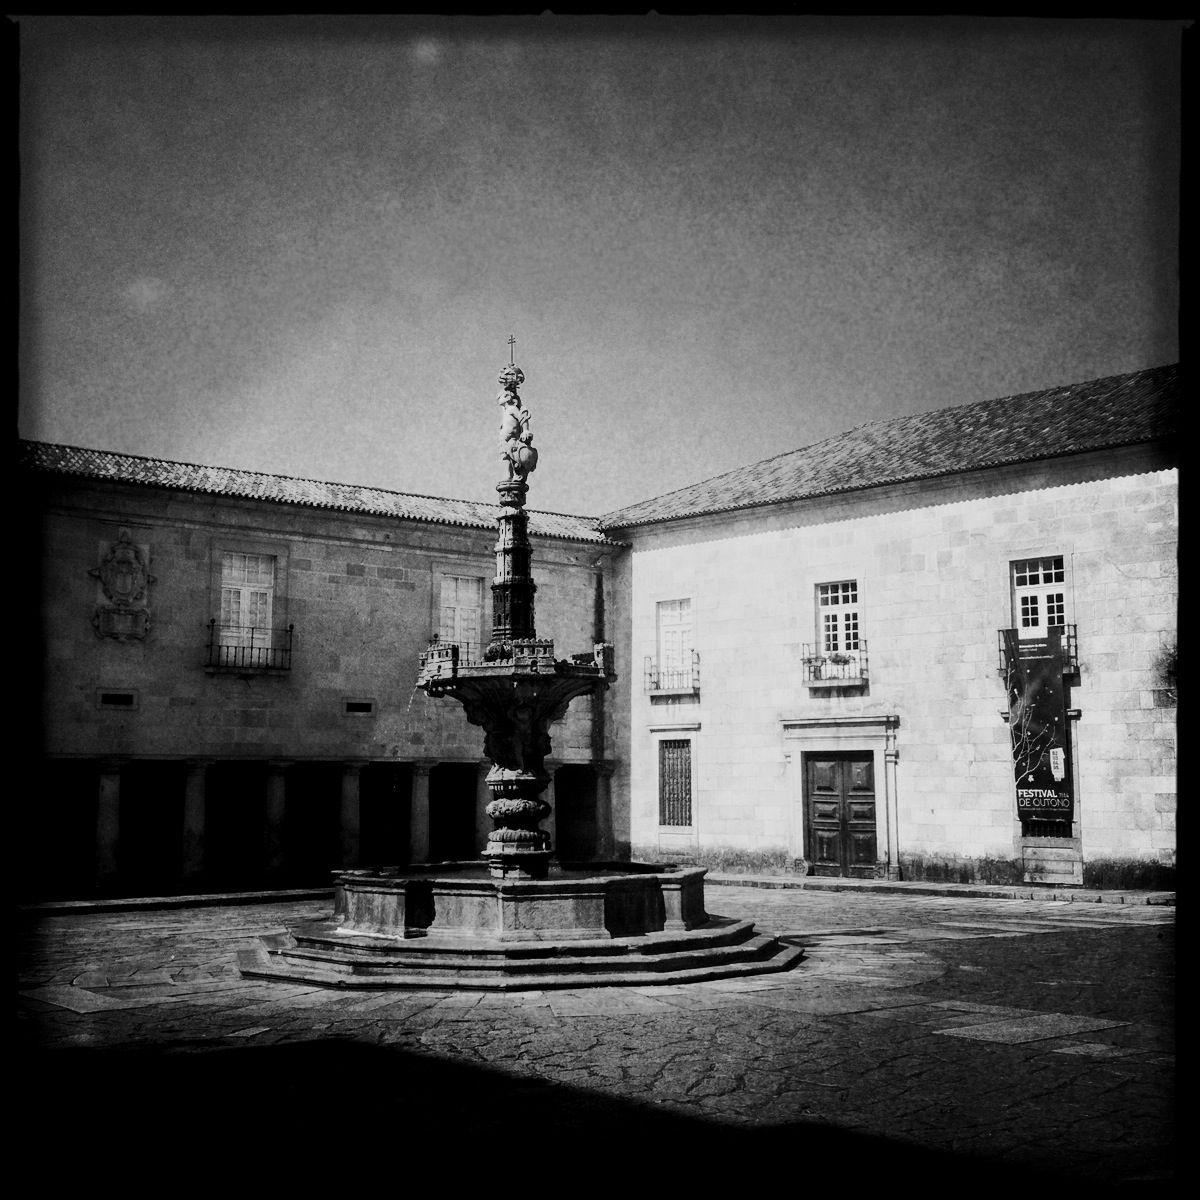 Verlassene Höfe machen jede Stadt lebenswert - Braga hat davon so einige